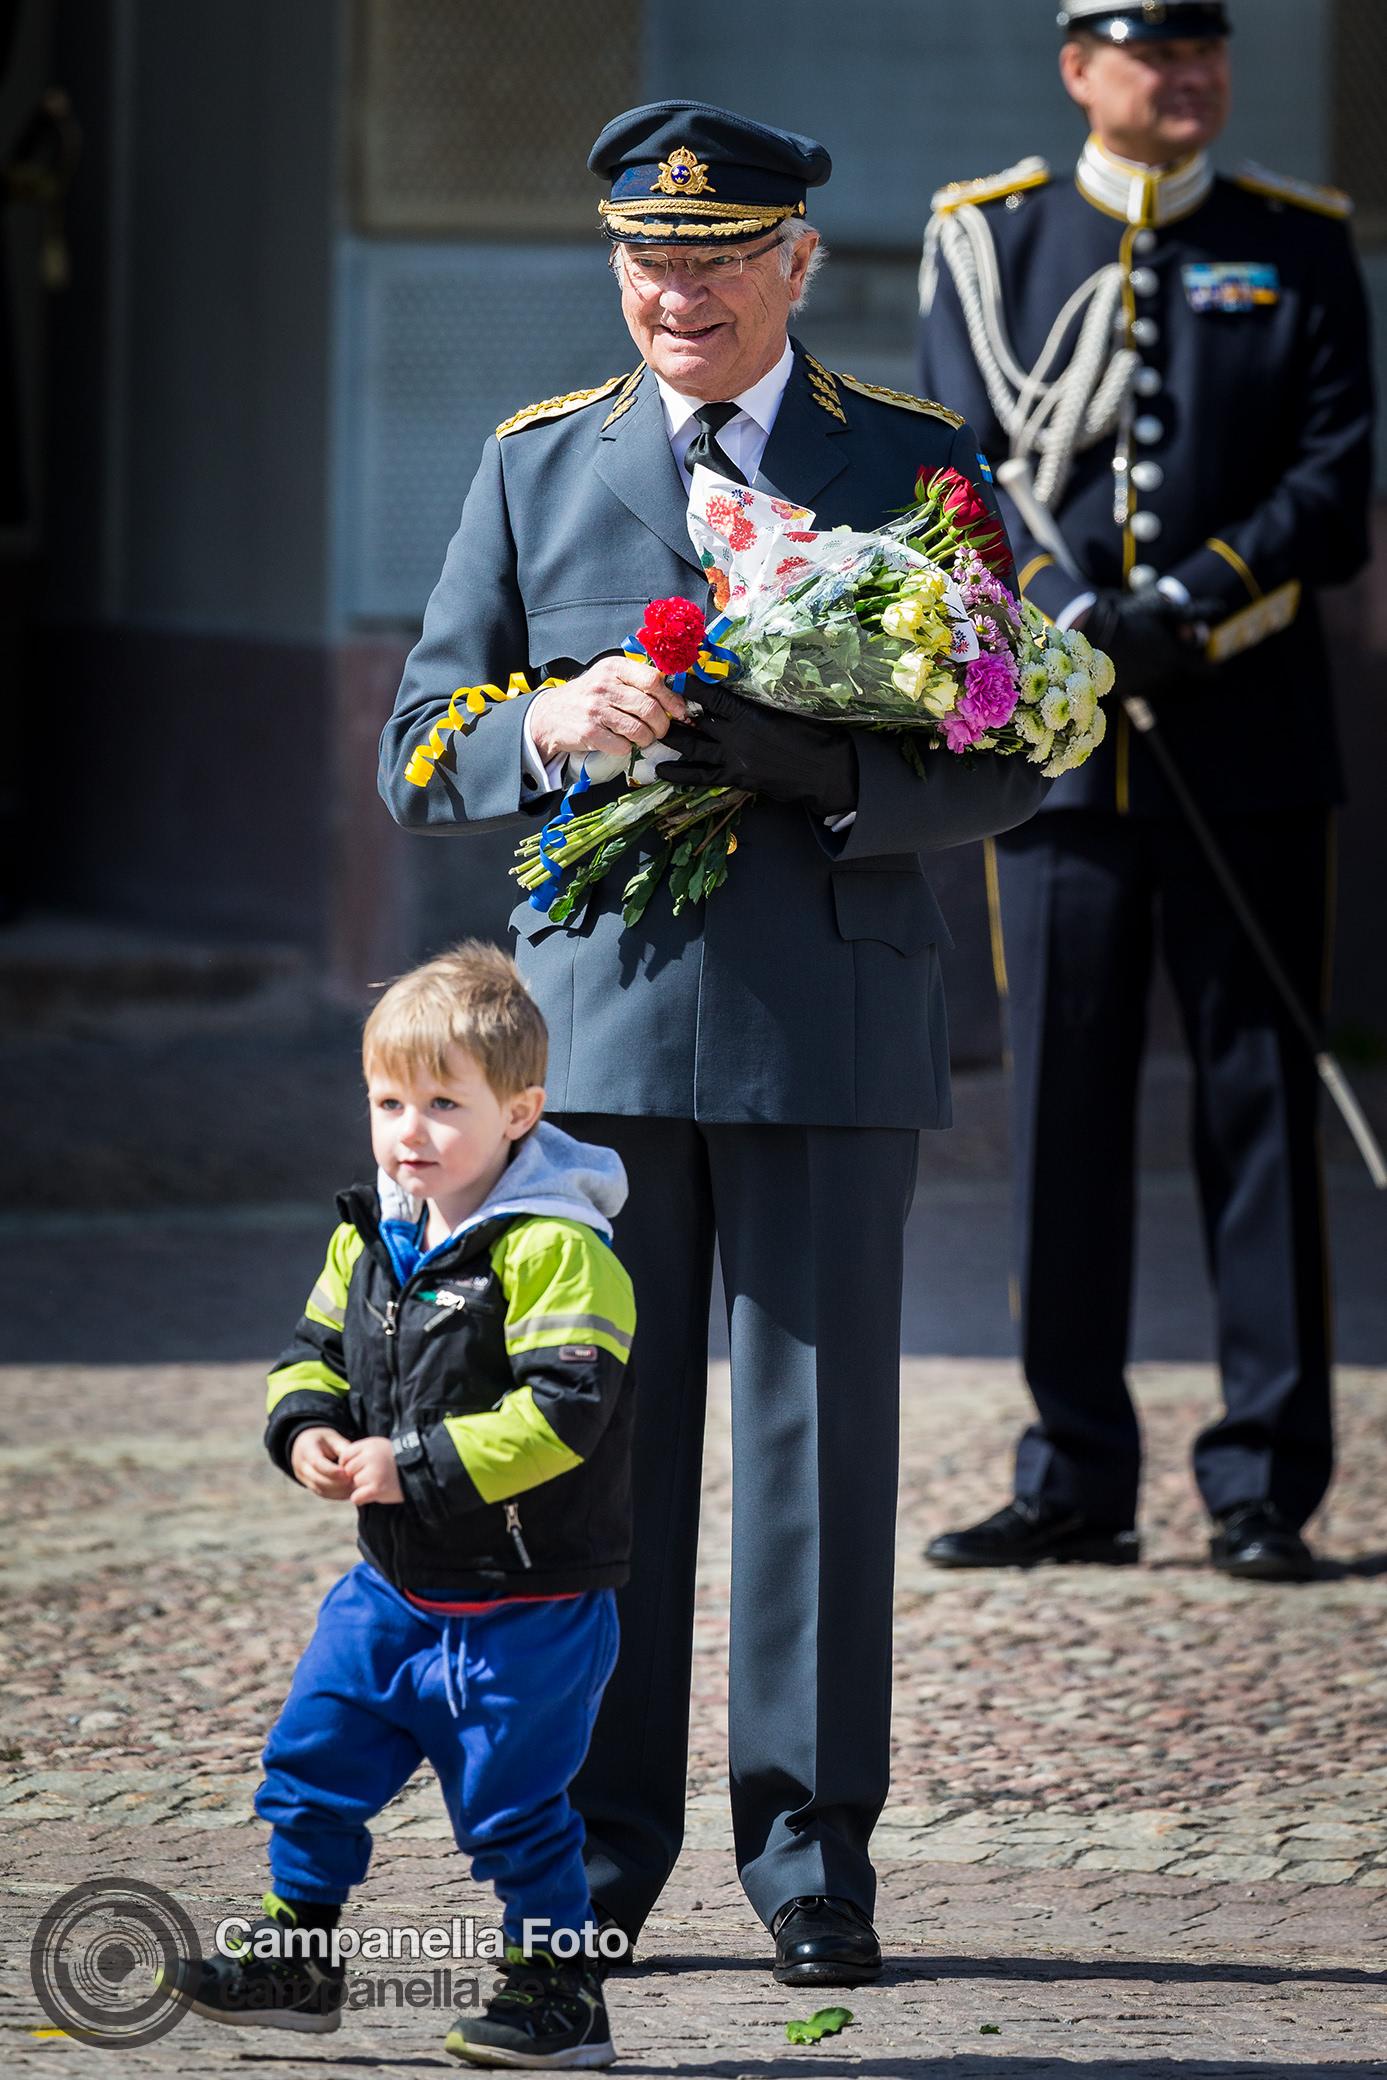 Celebrating Carl Gustav XVI's 71st birthday - Michael Campanella Photography